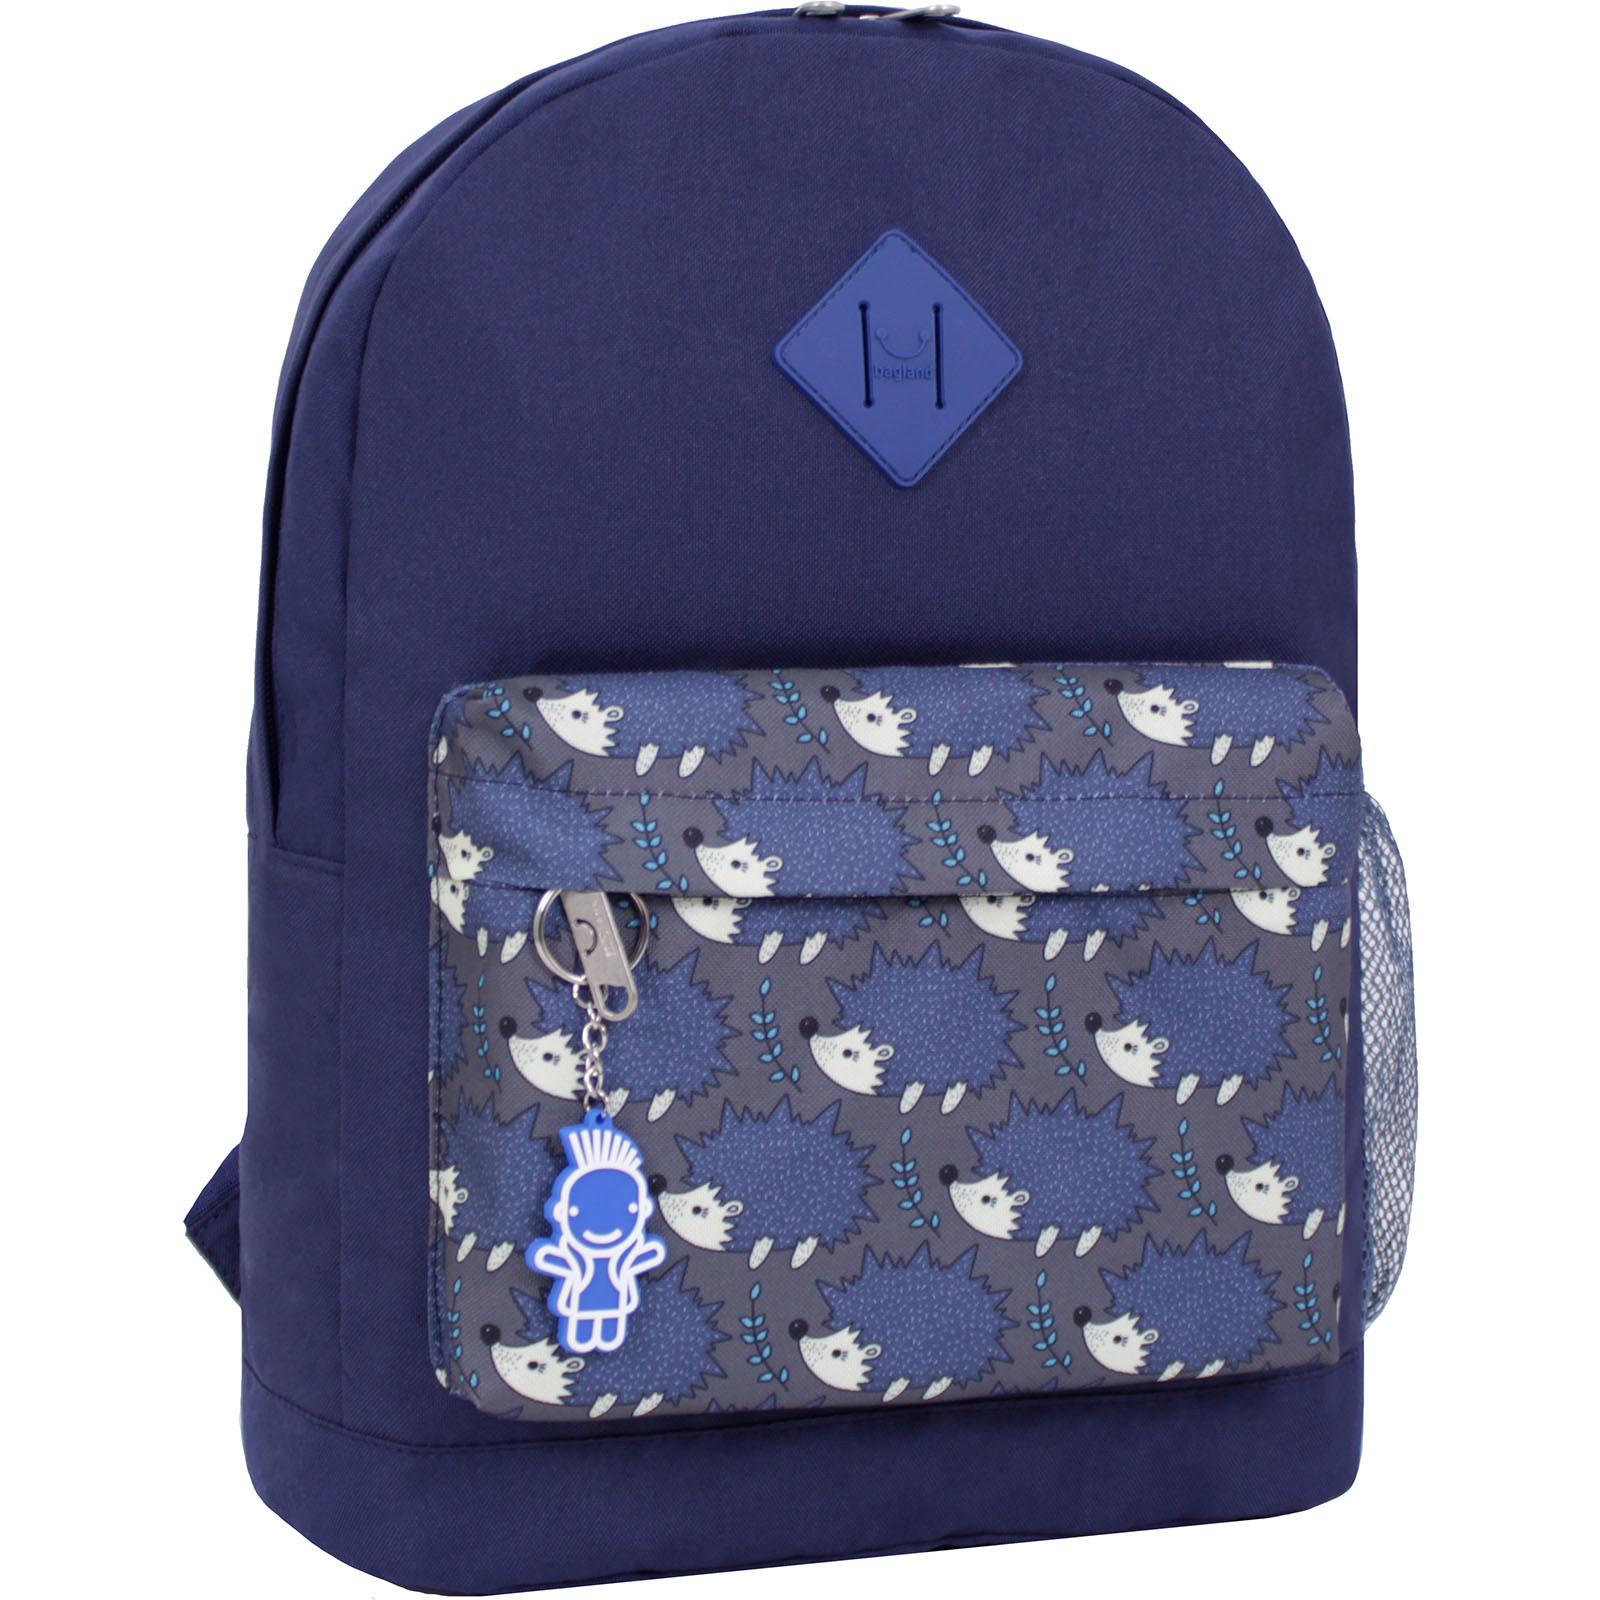 Молодежные рюкзаки Рюкзак Bagland Молодежный W/R 17 л. чернильный 481 (00533662) IMG_2400_суб.481_.JPG